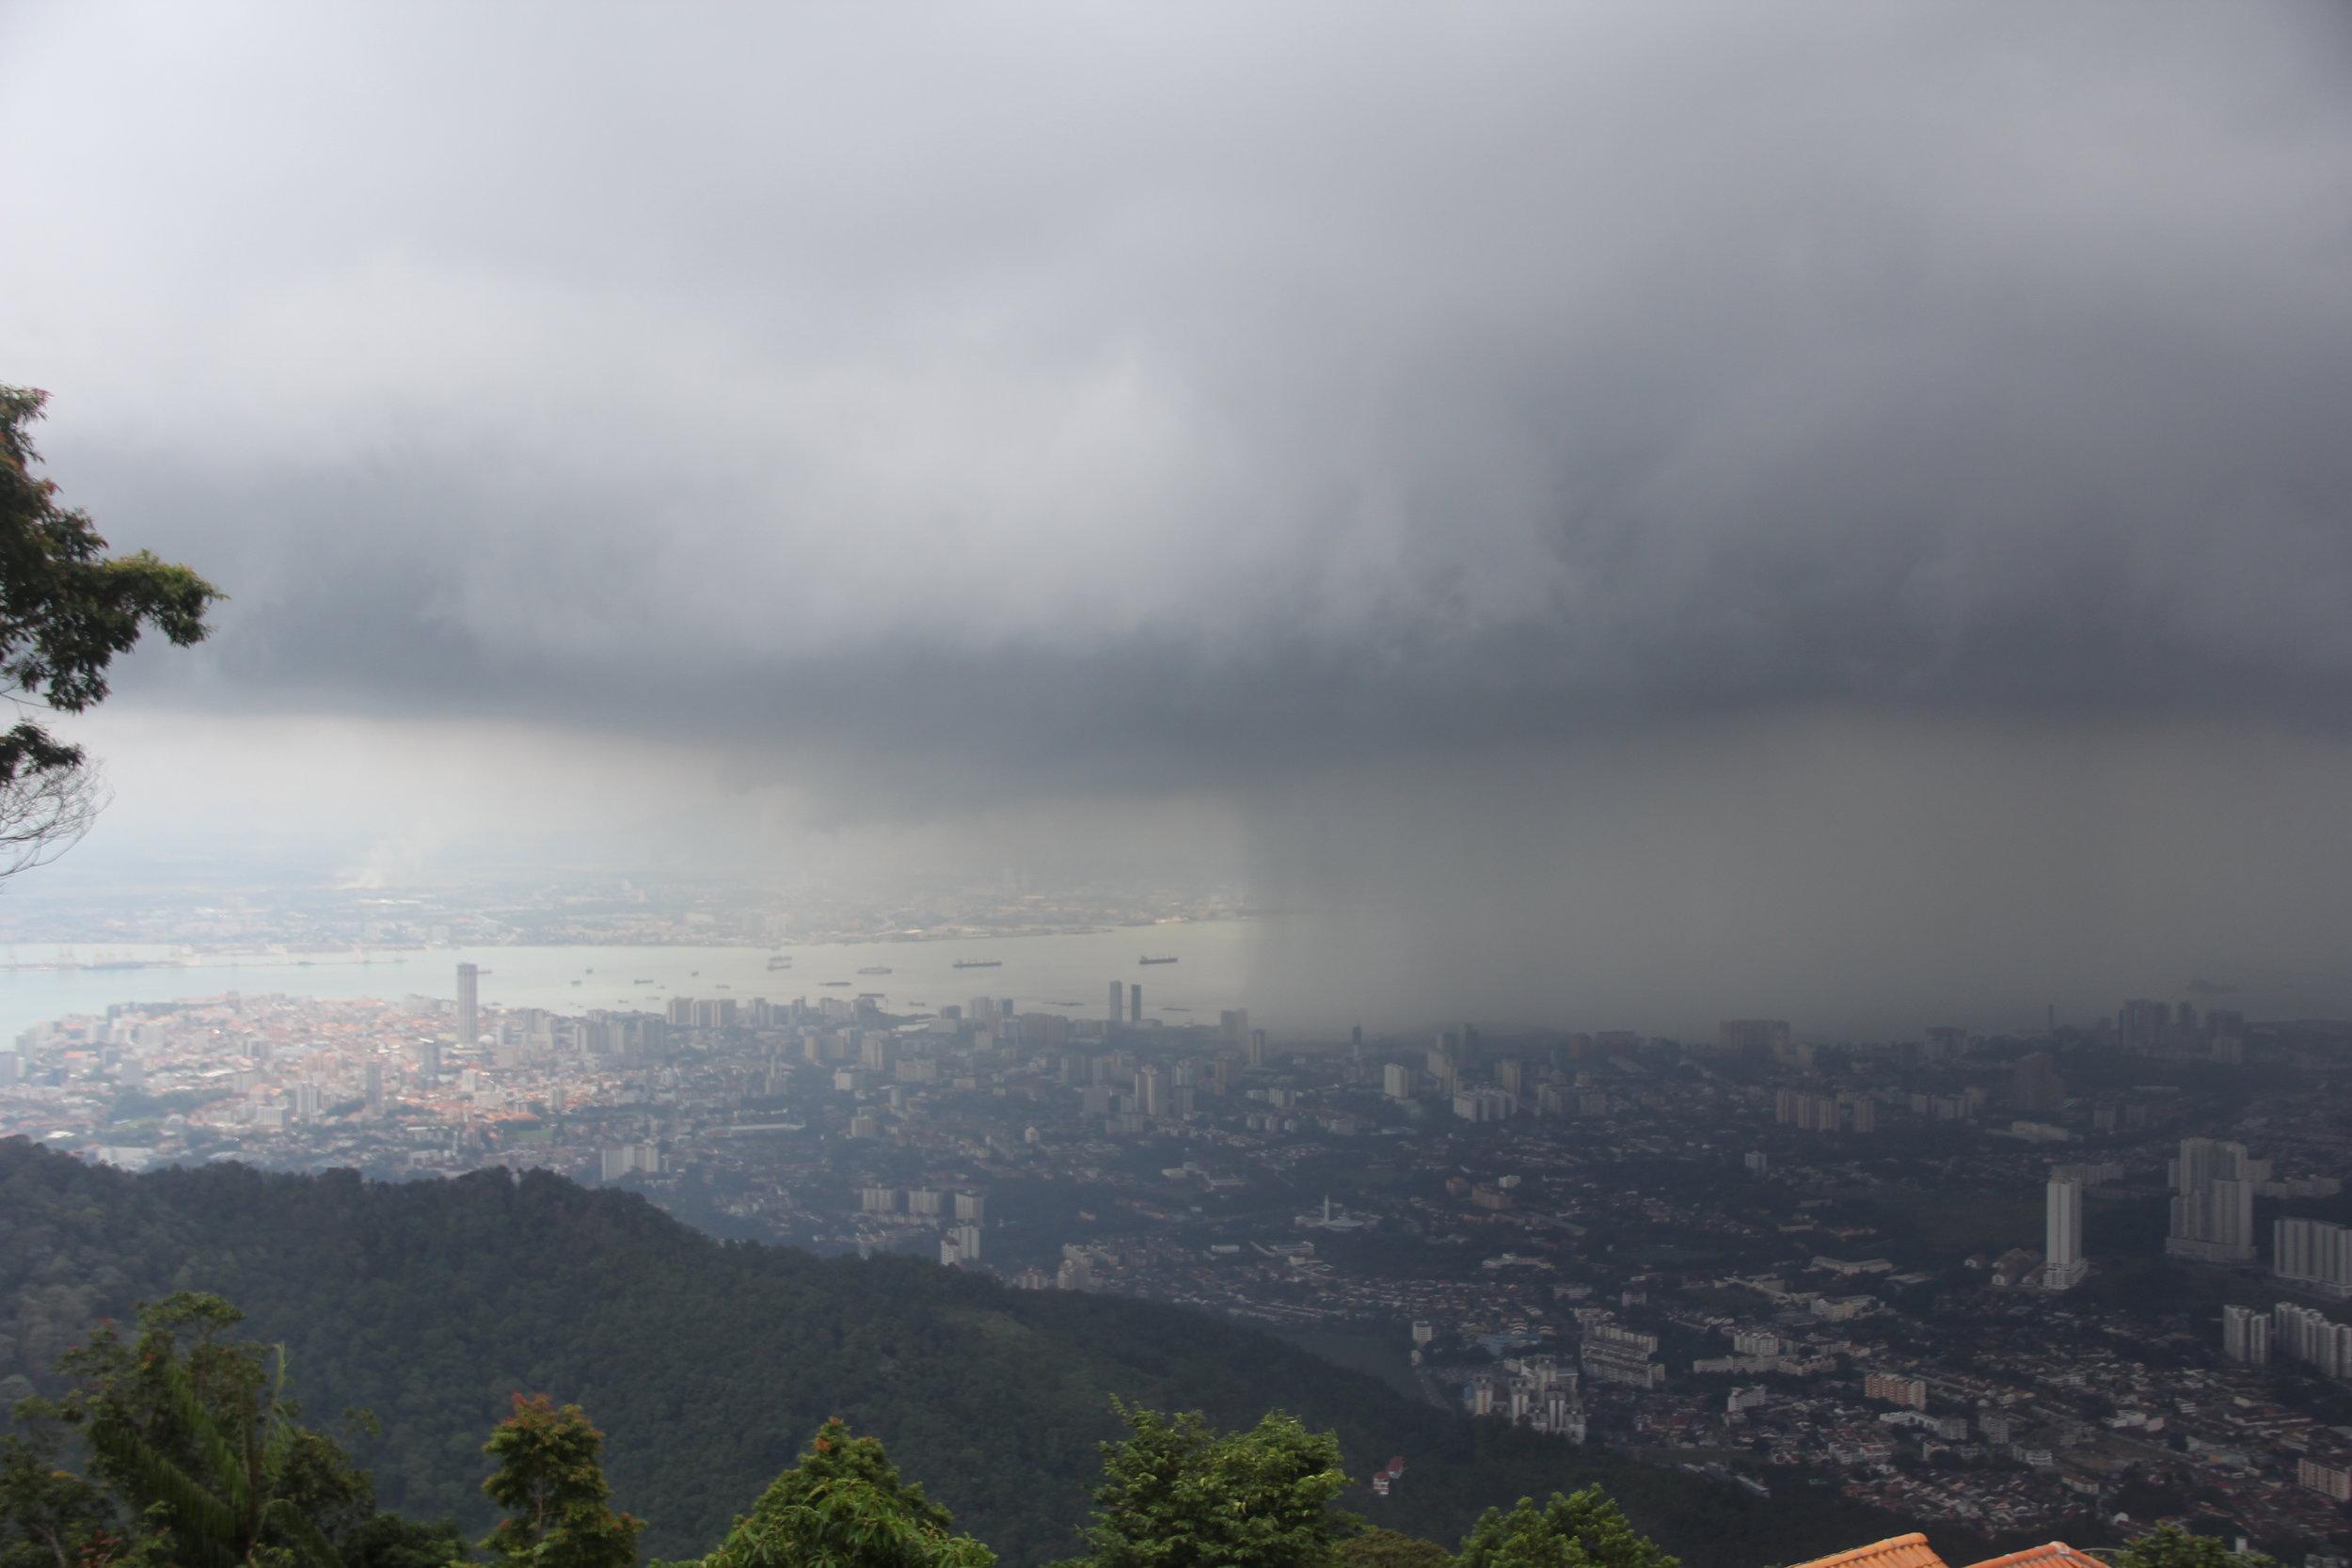 View of Penang City from Penang Hill